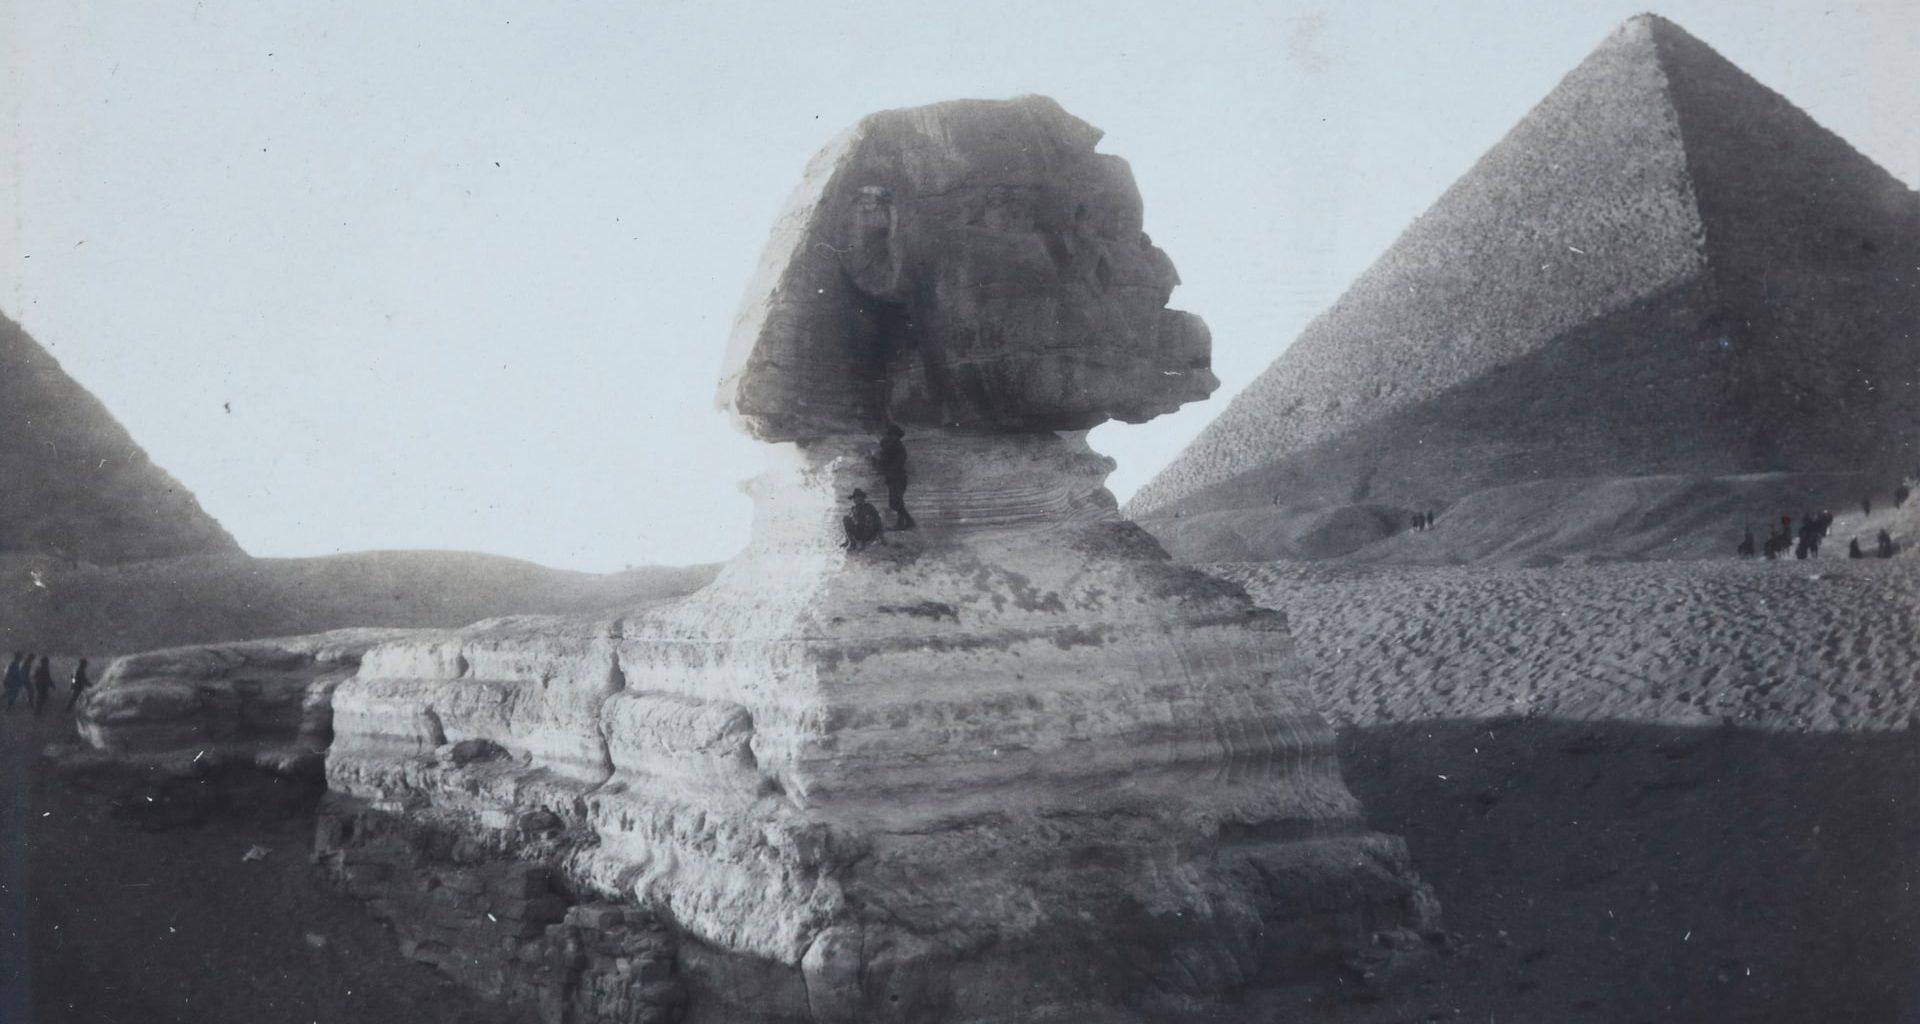 Las 10 fotografías antiguas y modernas más impresionantes de la Gran Esfinge